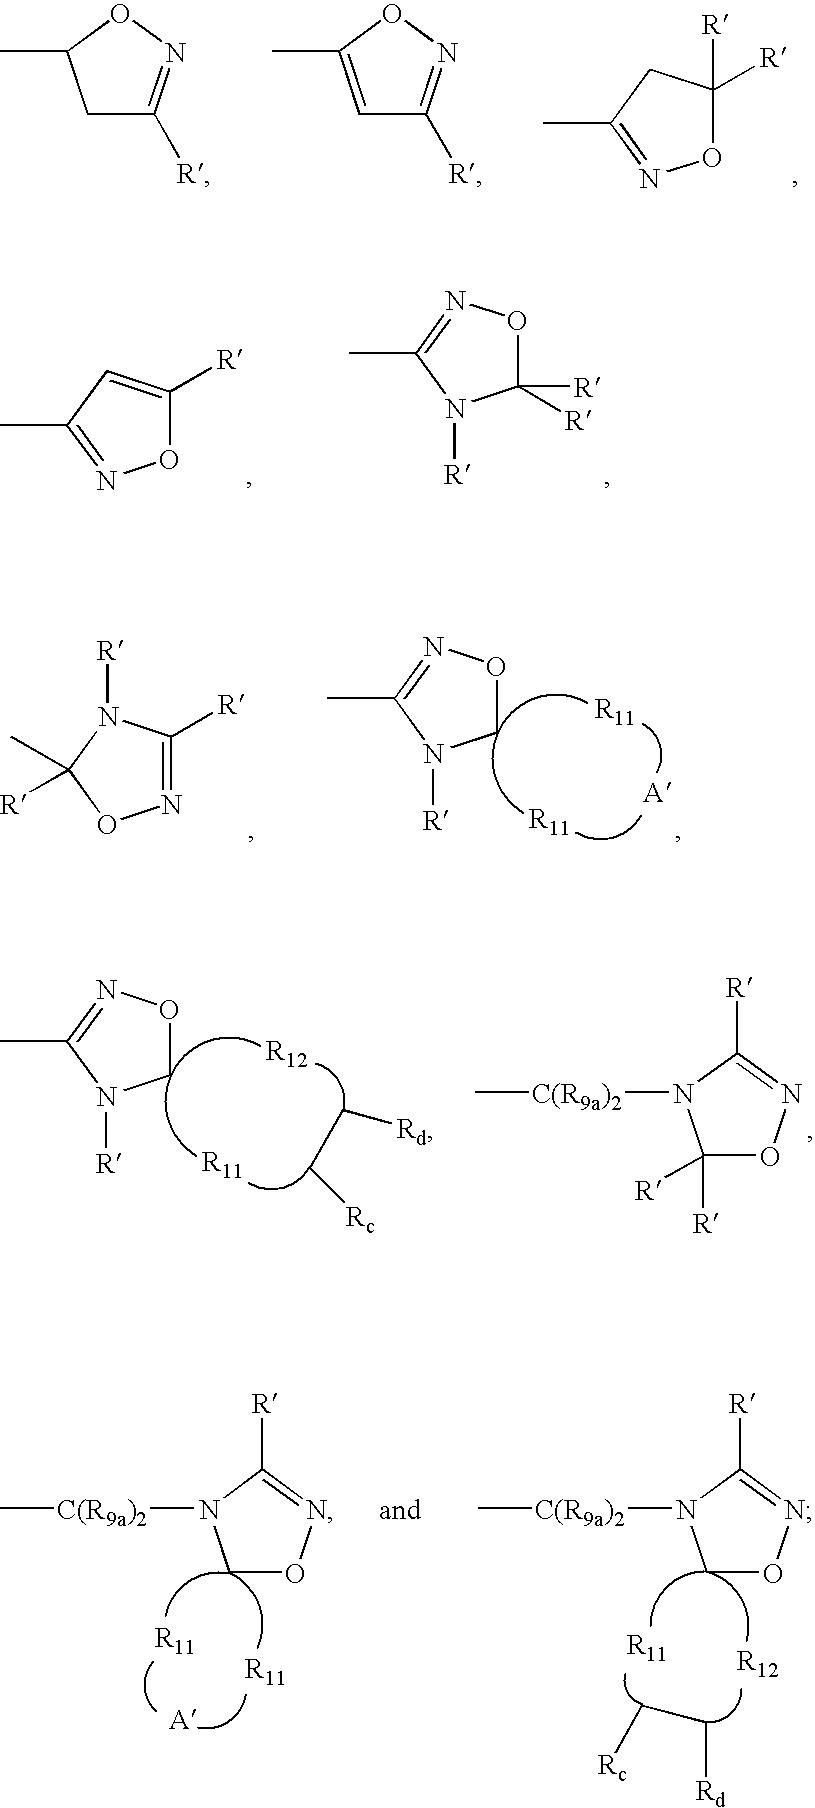 Figure US20070287725A1-20071213-C00164